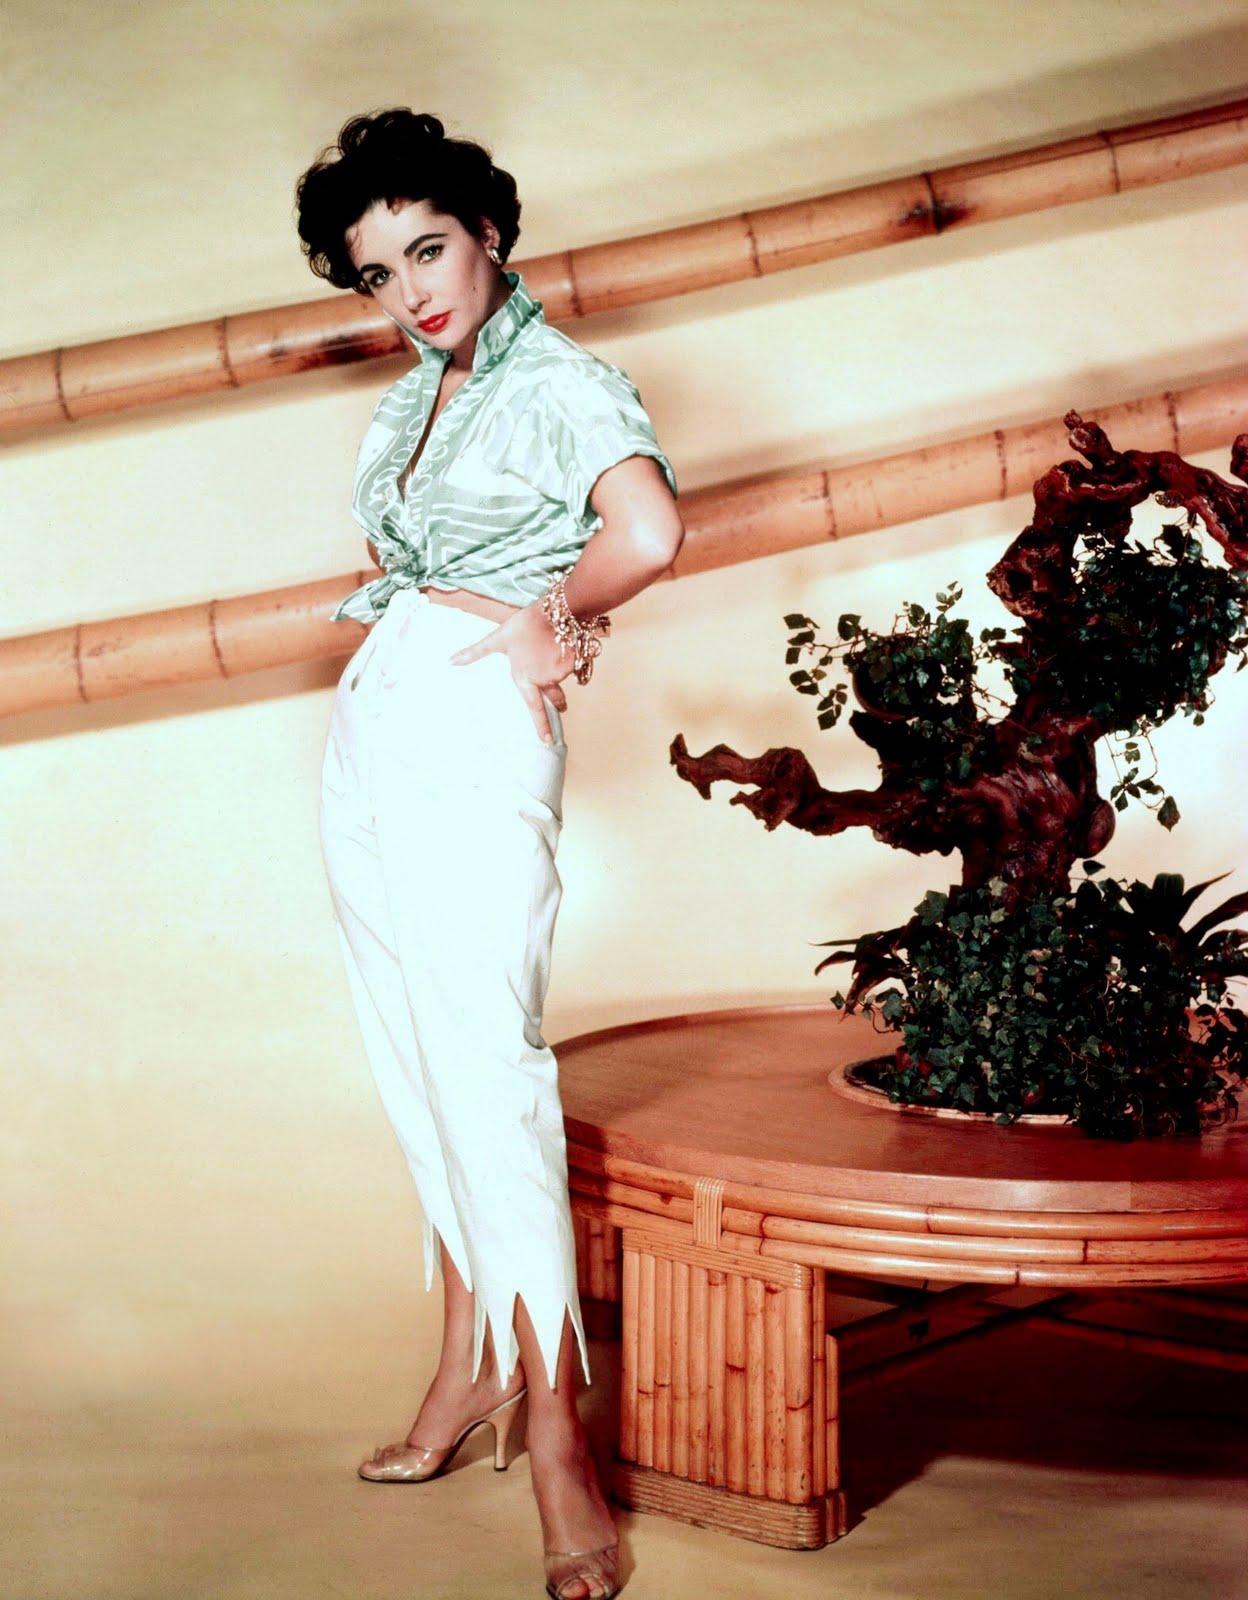 http://3.bp.blogspot.com/-akGhC12fYck/TYoYrf-t5yI/AAAAAAAAAfU/Oz1E2SJTS6g/s1600/elizabeth-taylor-feet-3.jpg